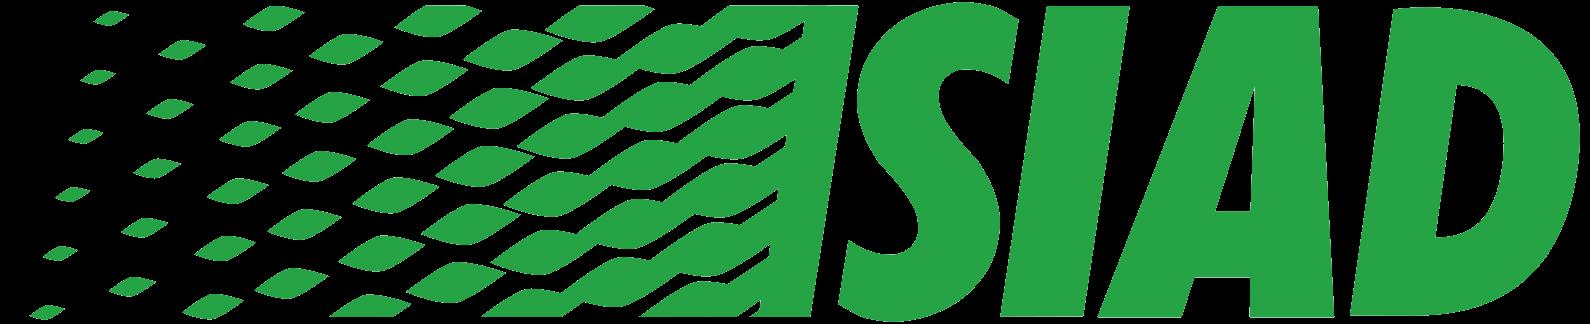 siad_logo_verde.png